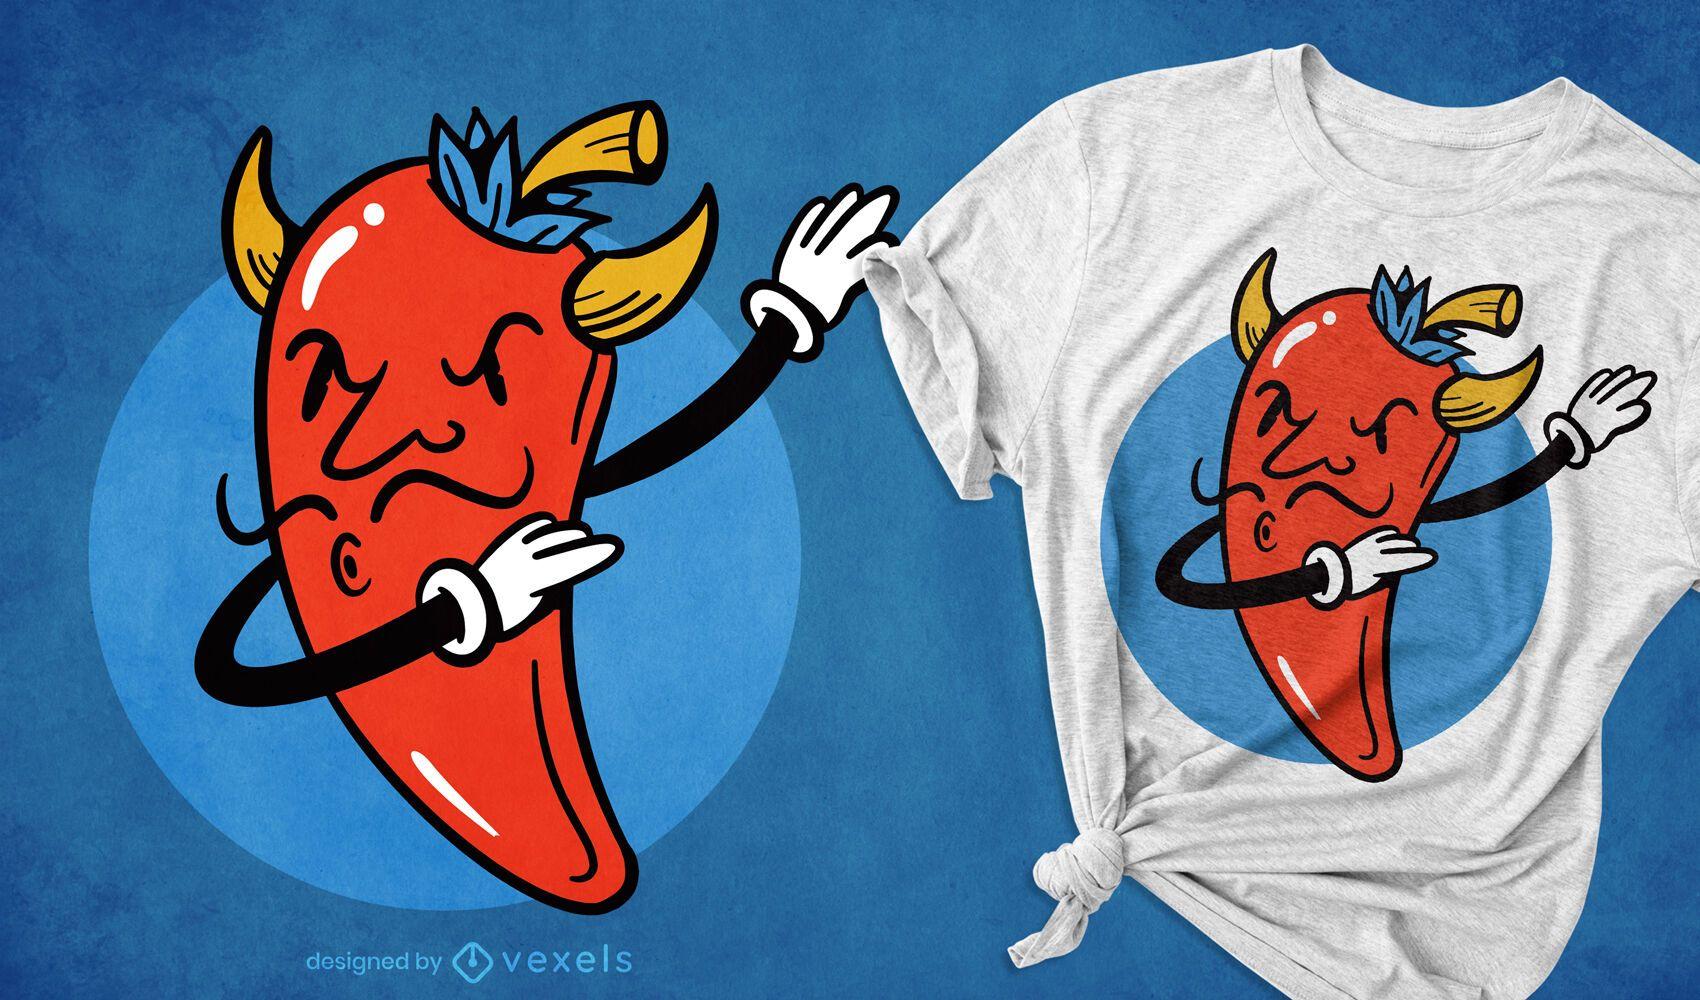 Angry chili food dabbing t-shirt design